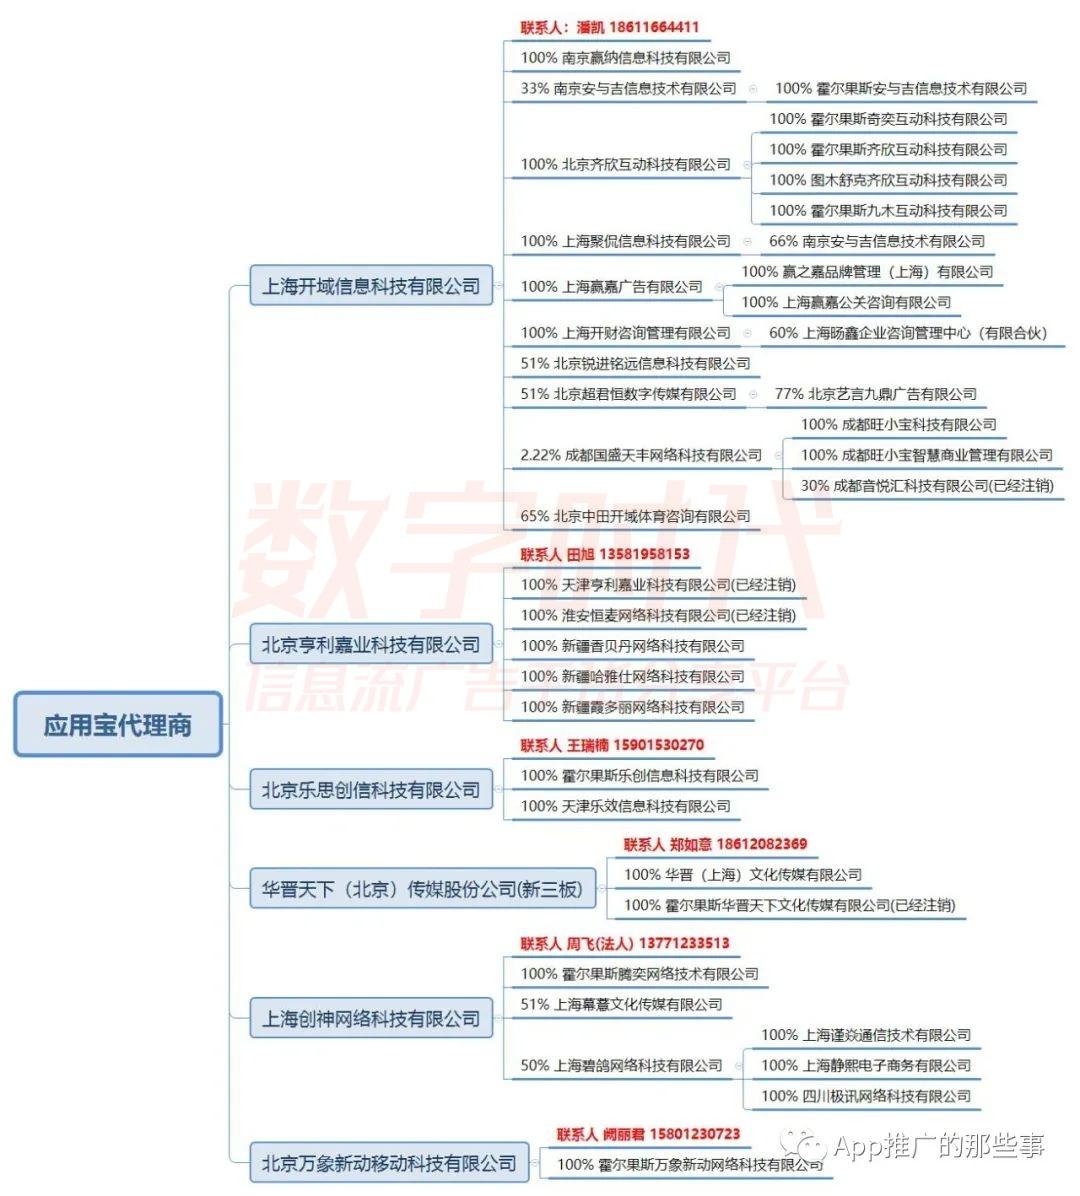 应用宝2020年核心代理商名单(最新)